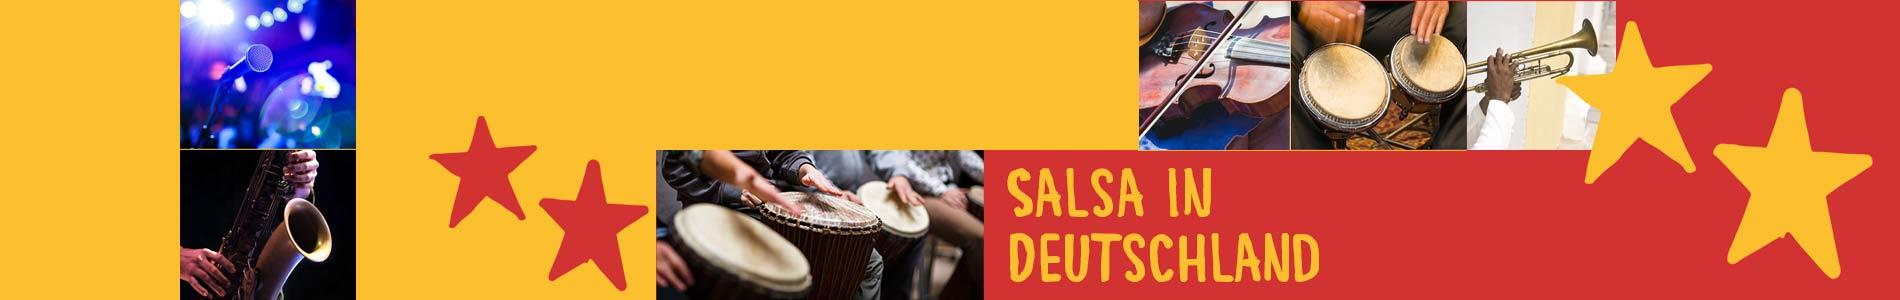 Salsa in Bullay – Salsa lernen und tanzen, Tanzkurse, Partys, Veranstaltungen